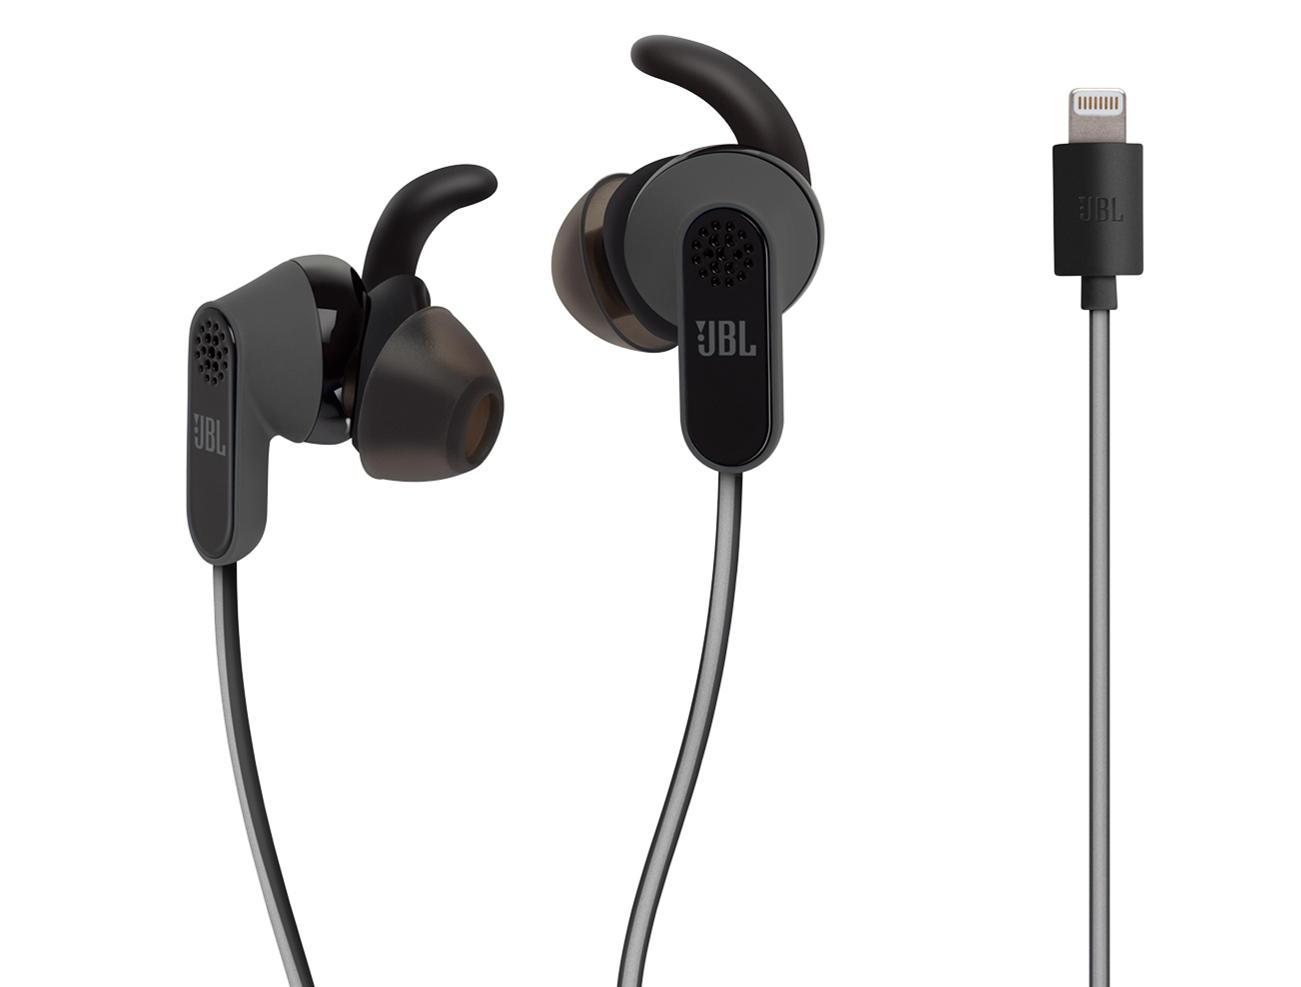 jbl_reflectaware_lightning_noise-canceling-in-ear-headphones